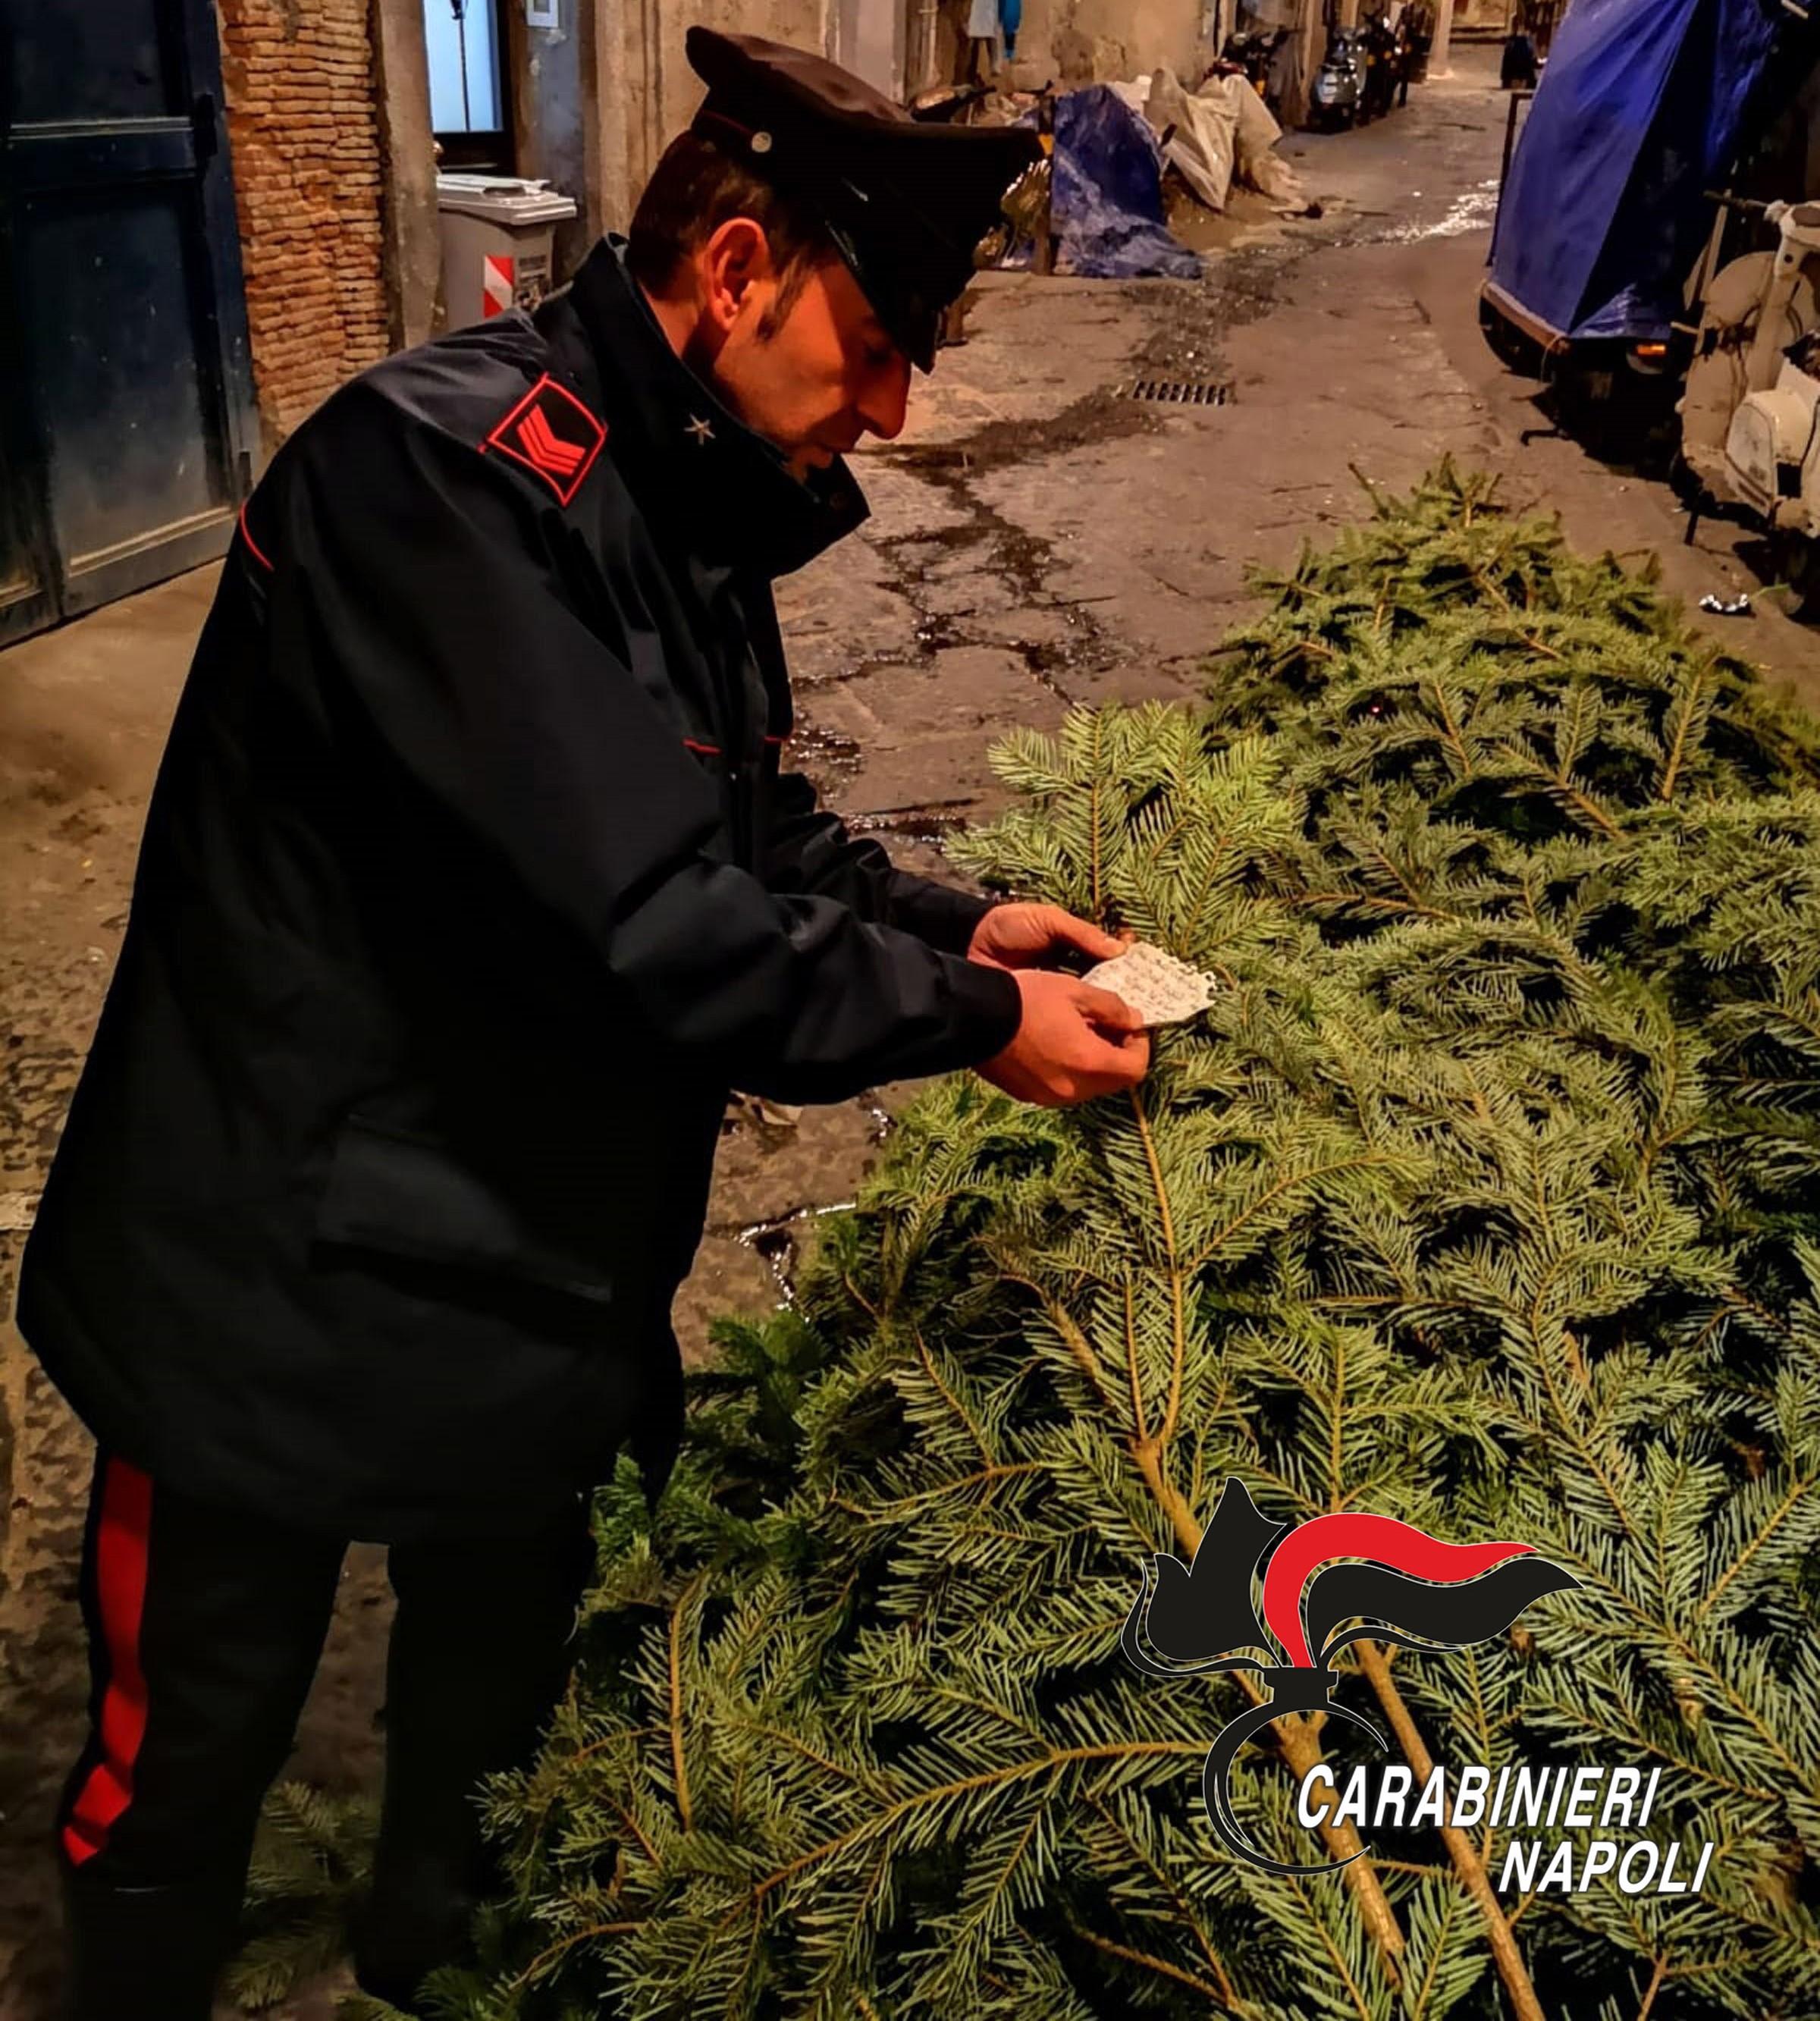 L'albero della Galleria Umberto di Napoli rubato e preso di mira dai vandali: ritrovato dai carabinieri